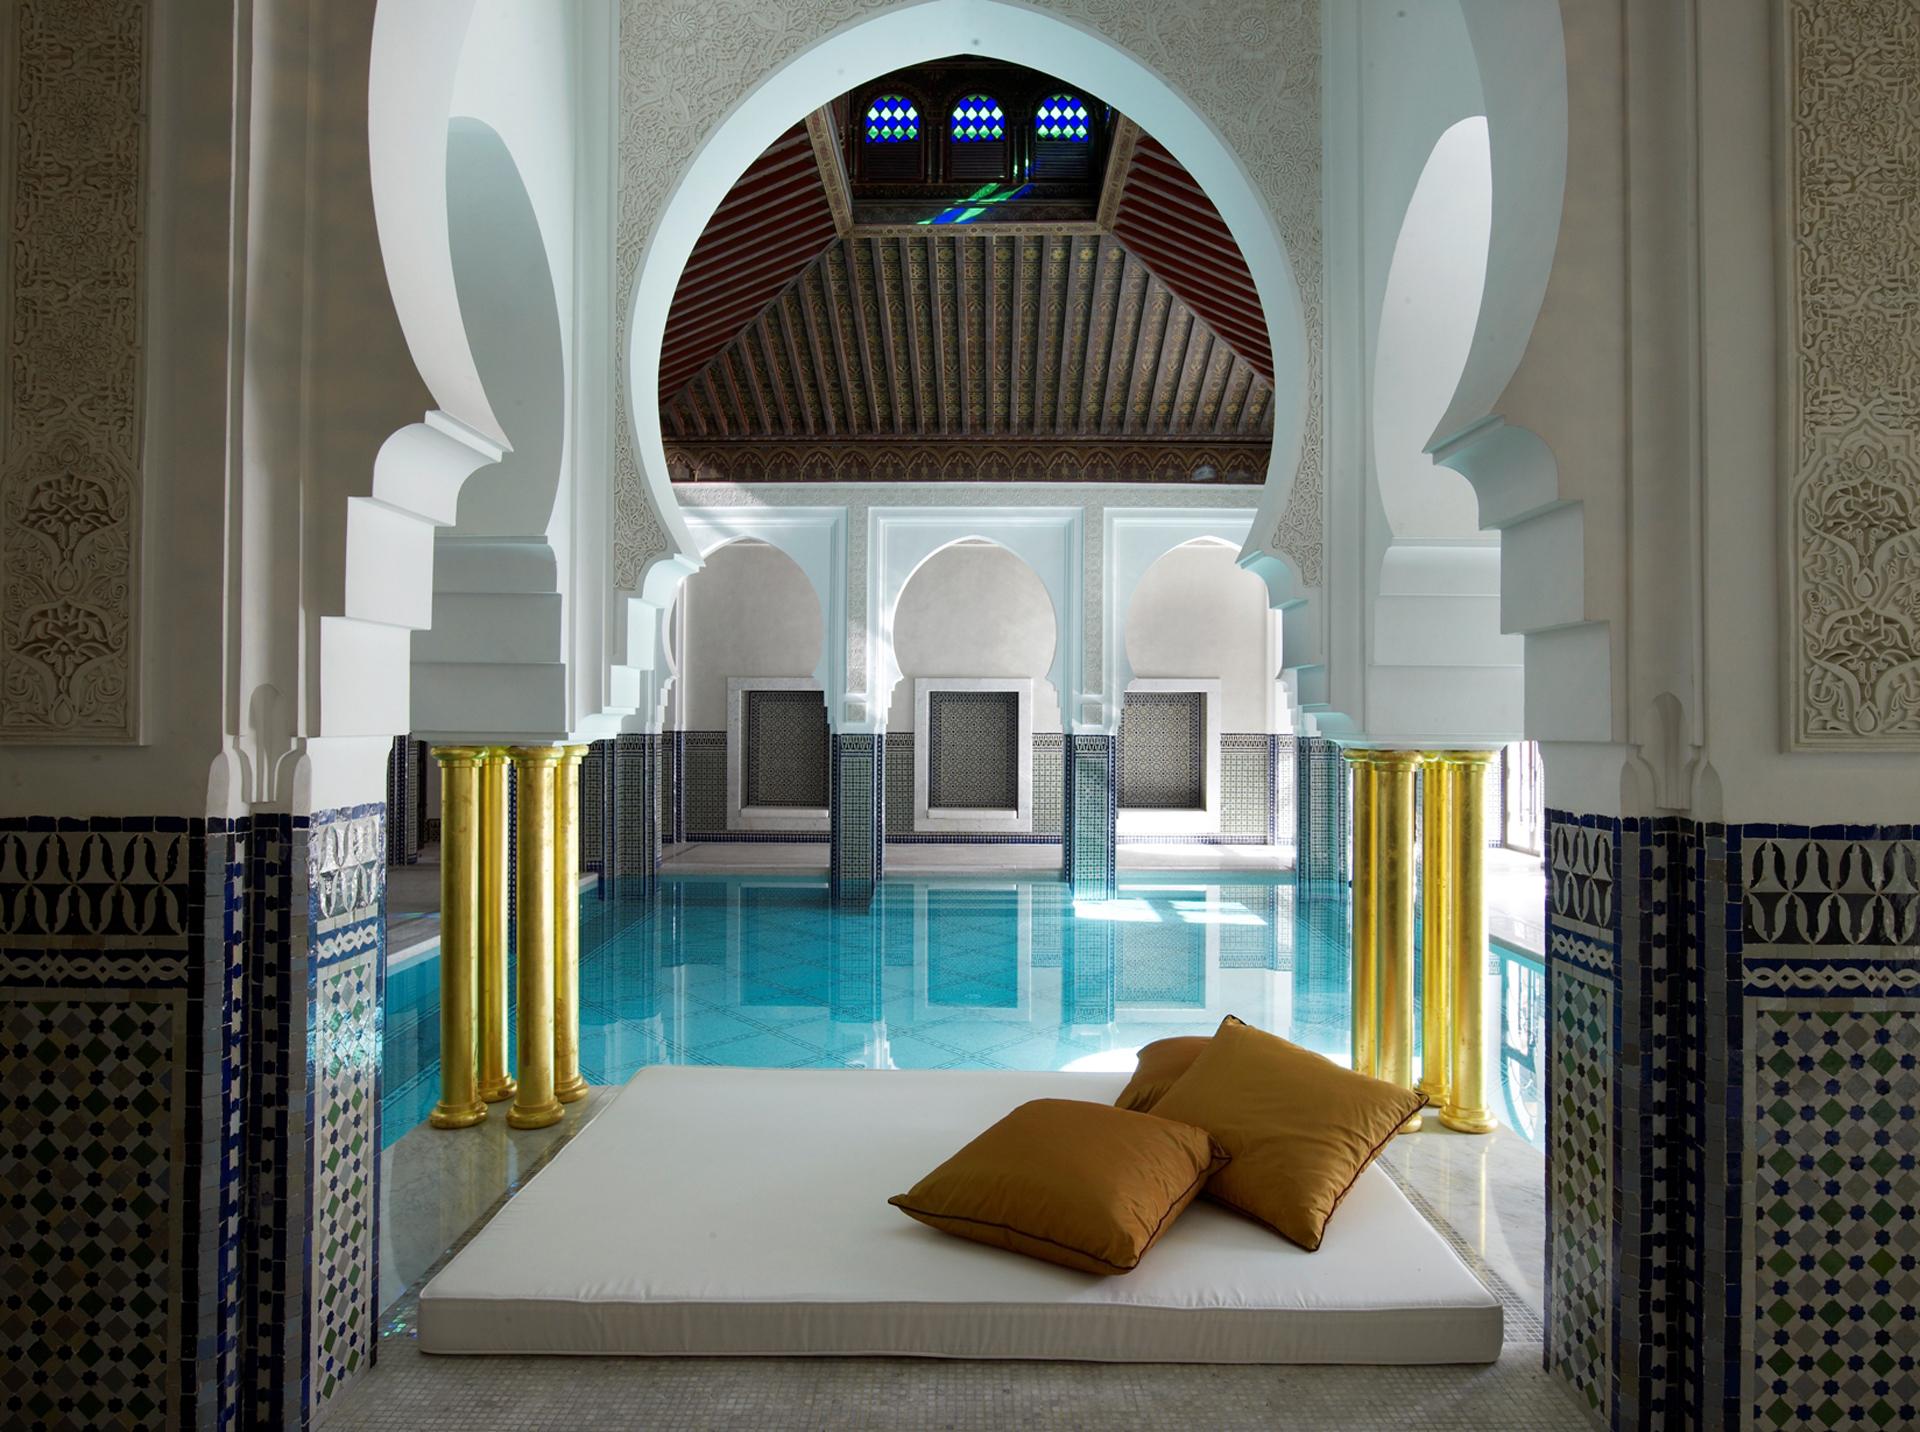 La piscina interna, con camas y una vista al exterior del complejo (Fine Hotels Spa & Resort of The World)